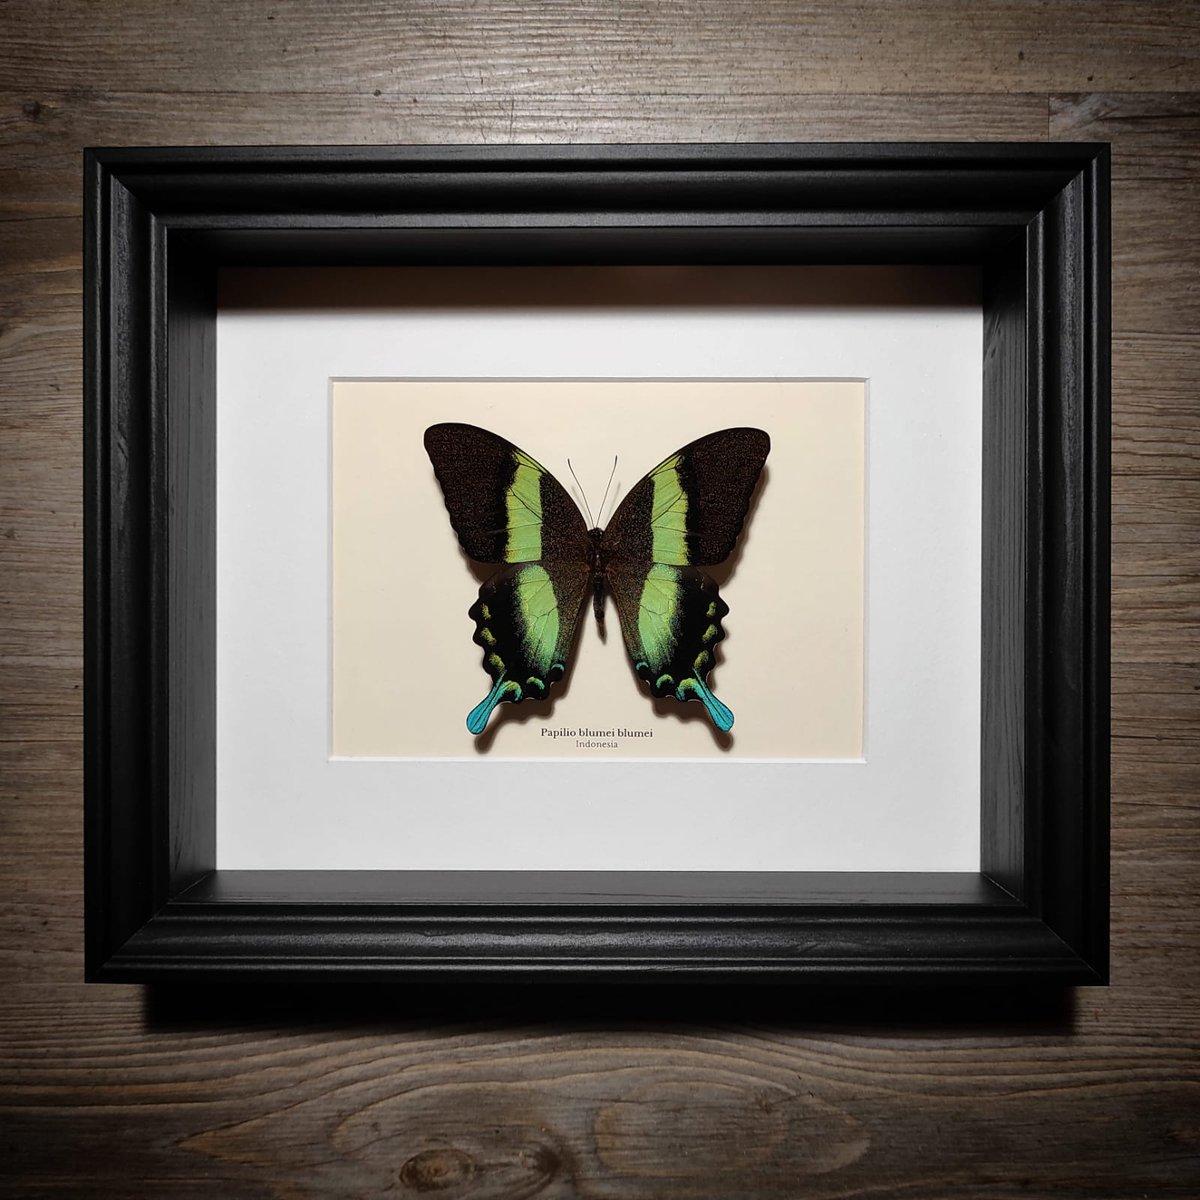 Image of Esemplare di Papilio blumei blumei di Malatea Studio